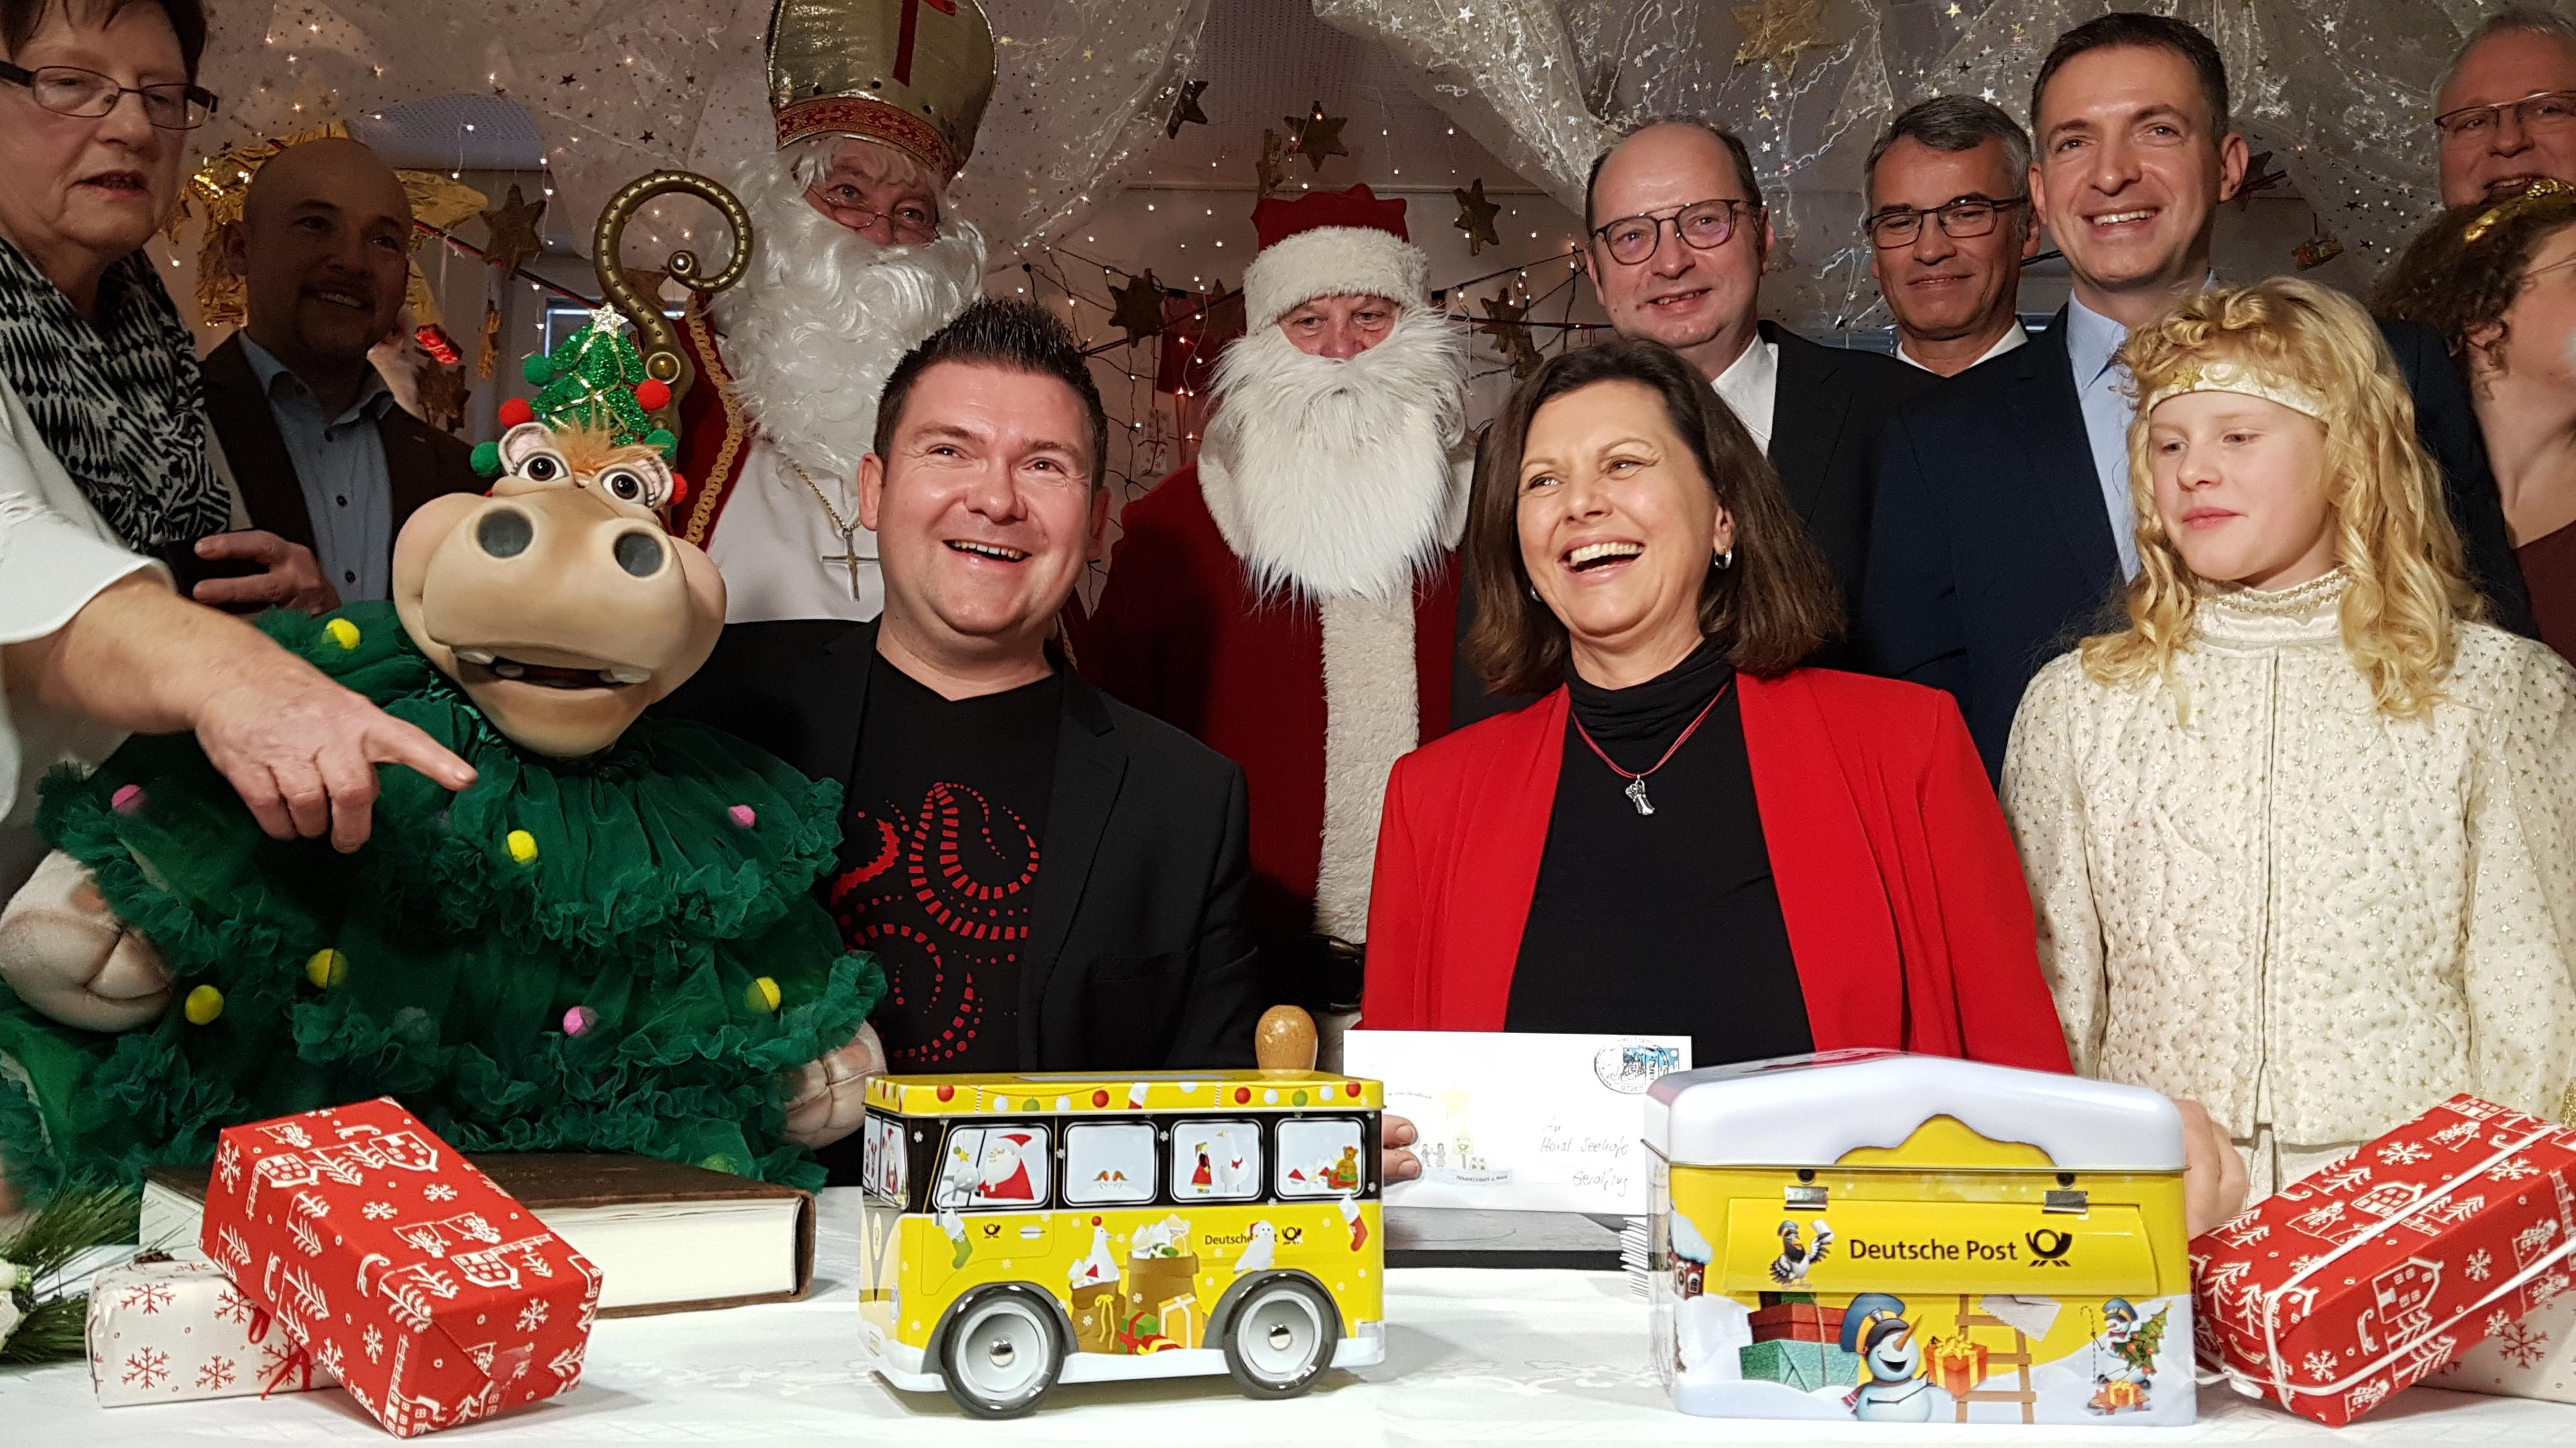 Ilse Aigner eröffnet das Weihnachtspostamt in Himmelstadt